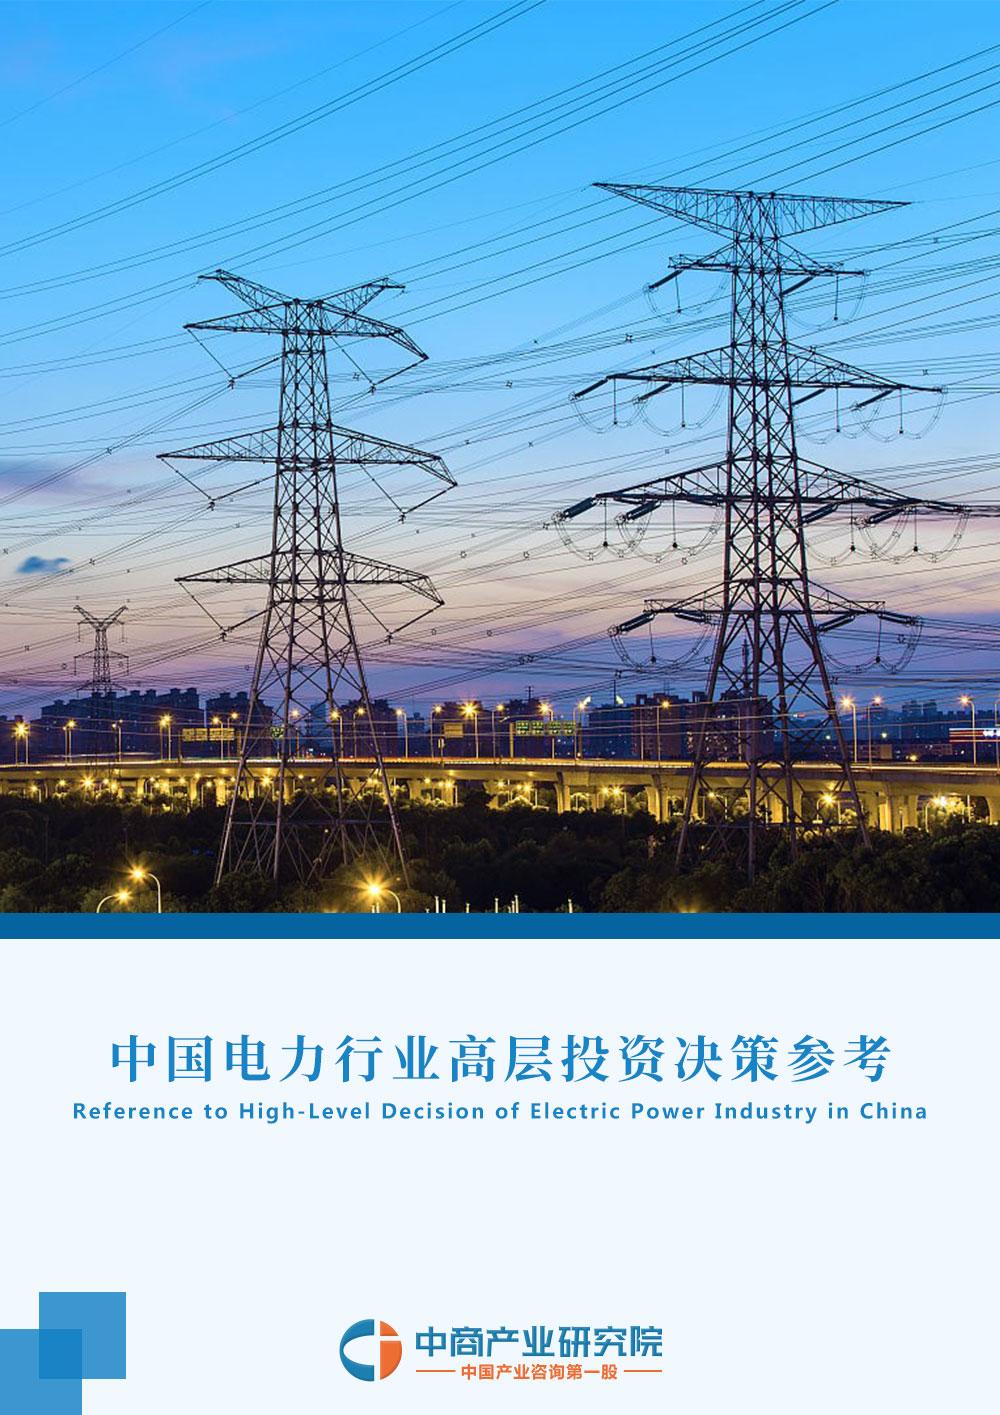 中国电力行业投资决策参考(2019年1月)